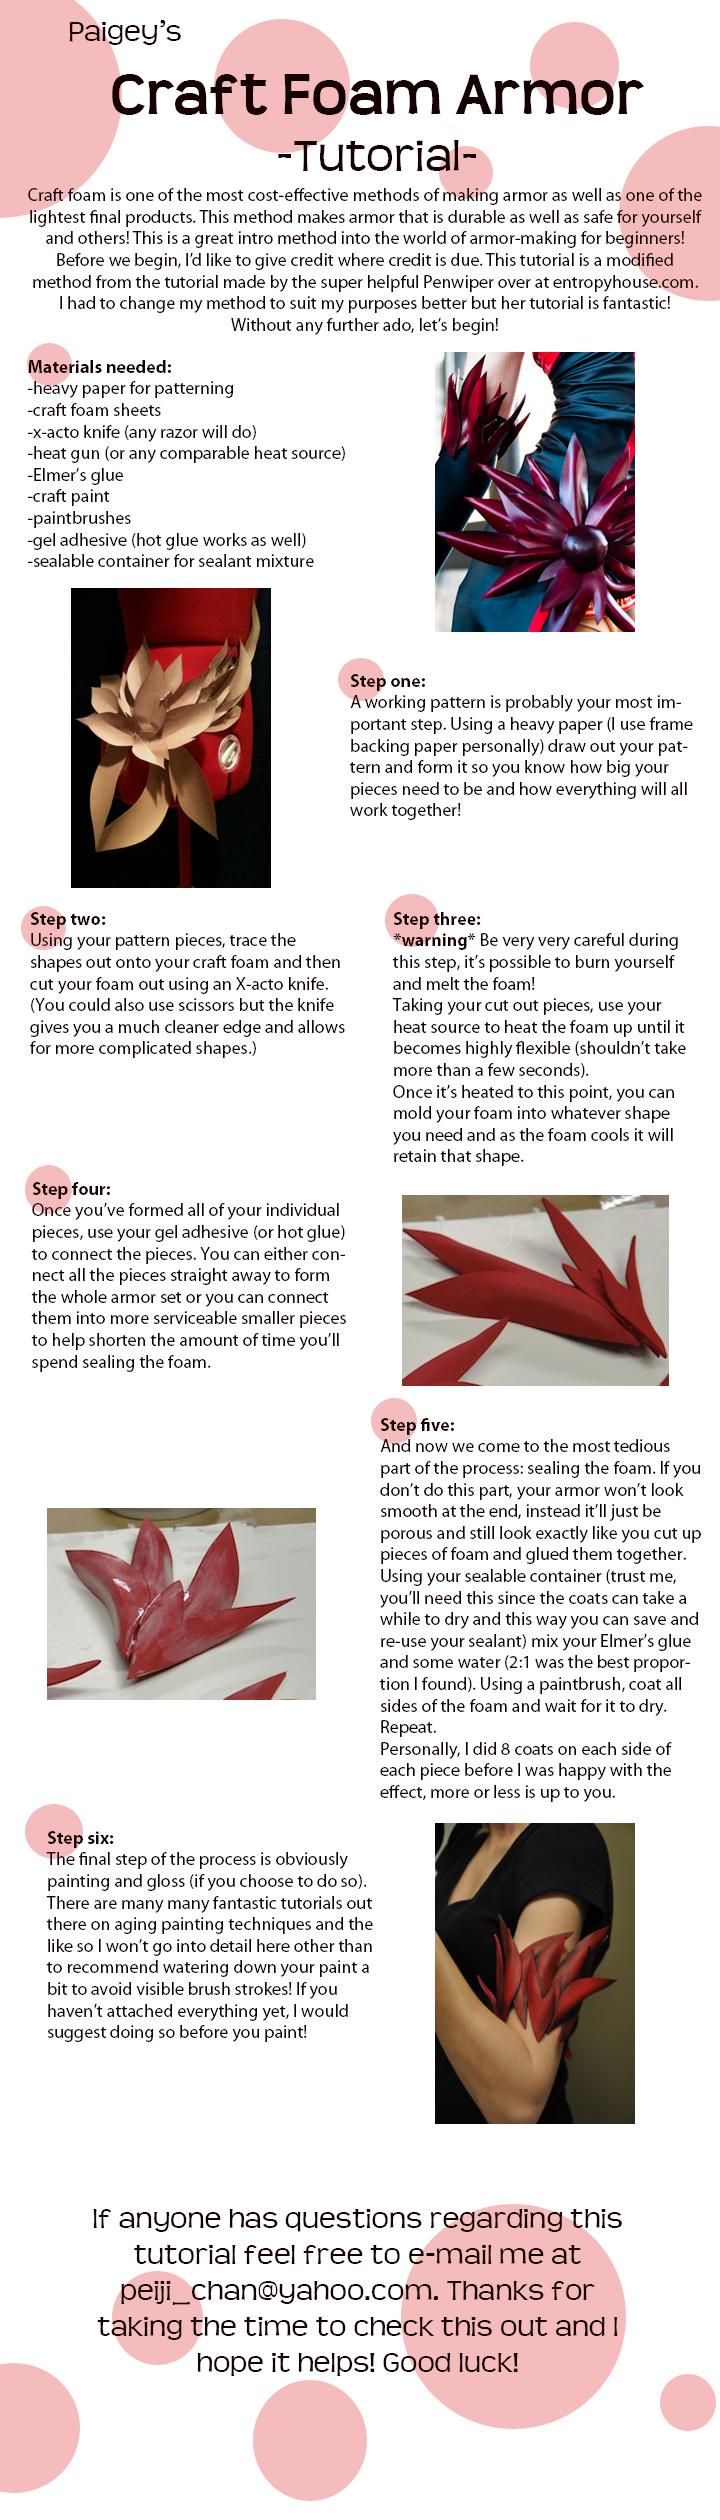 Craft Foam Armor Tutorial by MissCordie